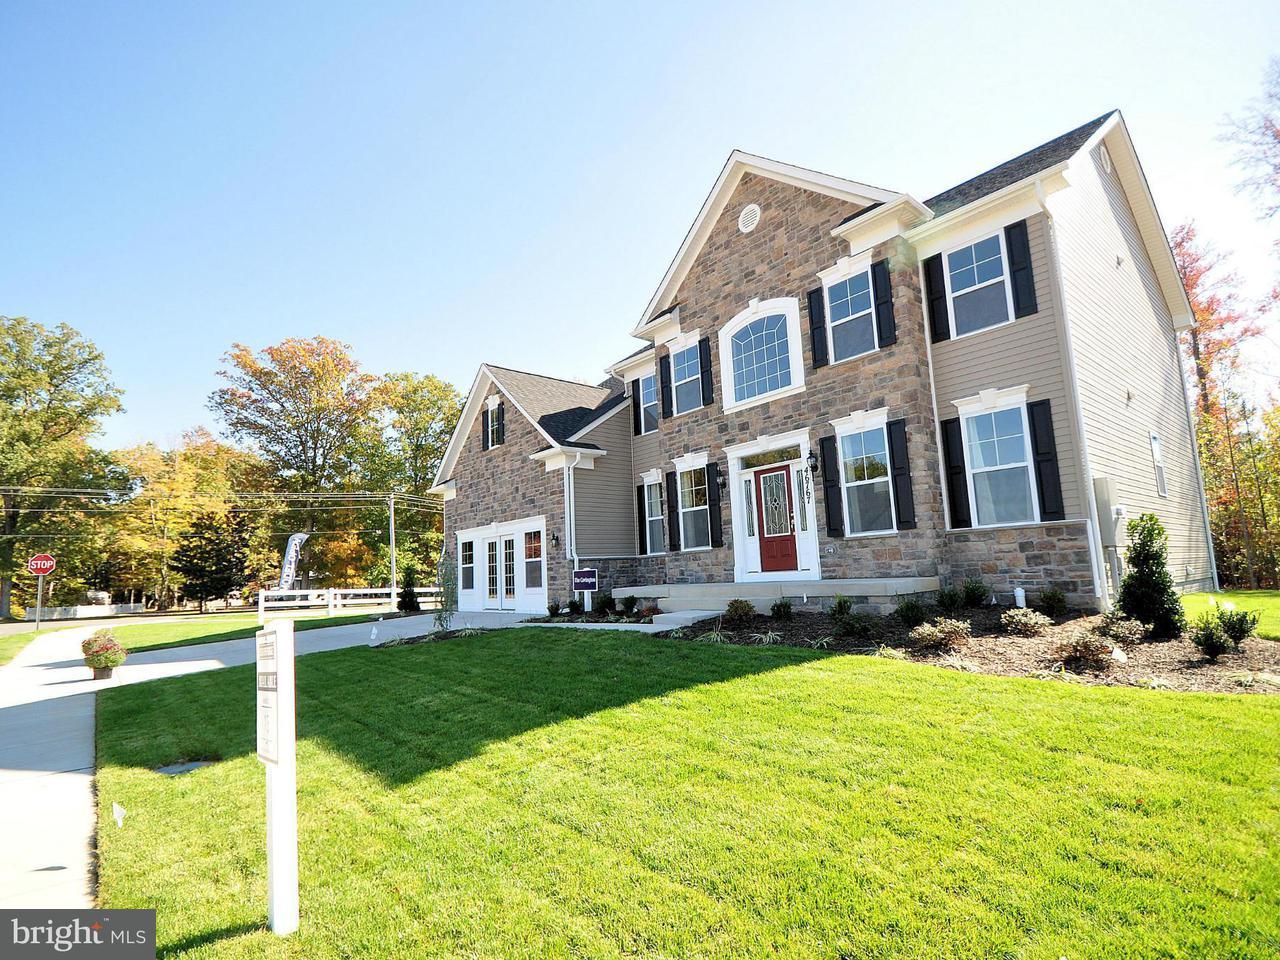 Частный односемейный дом для того Продажа на 46767 Al Mar Street 46767 Al Mar Street Lexington Park, Мэриленд 20653 Соединенные Штаты